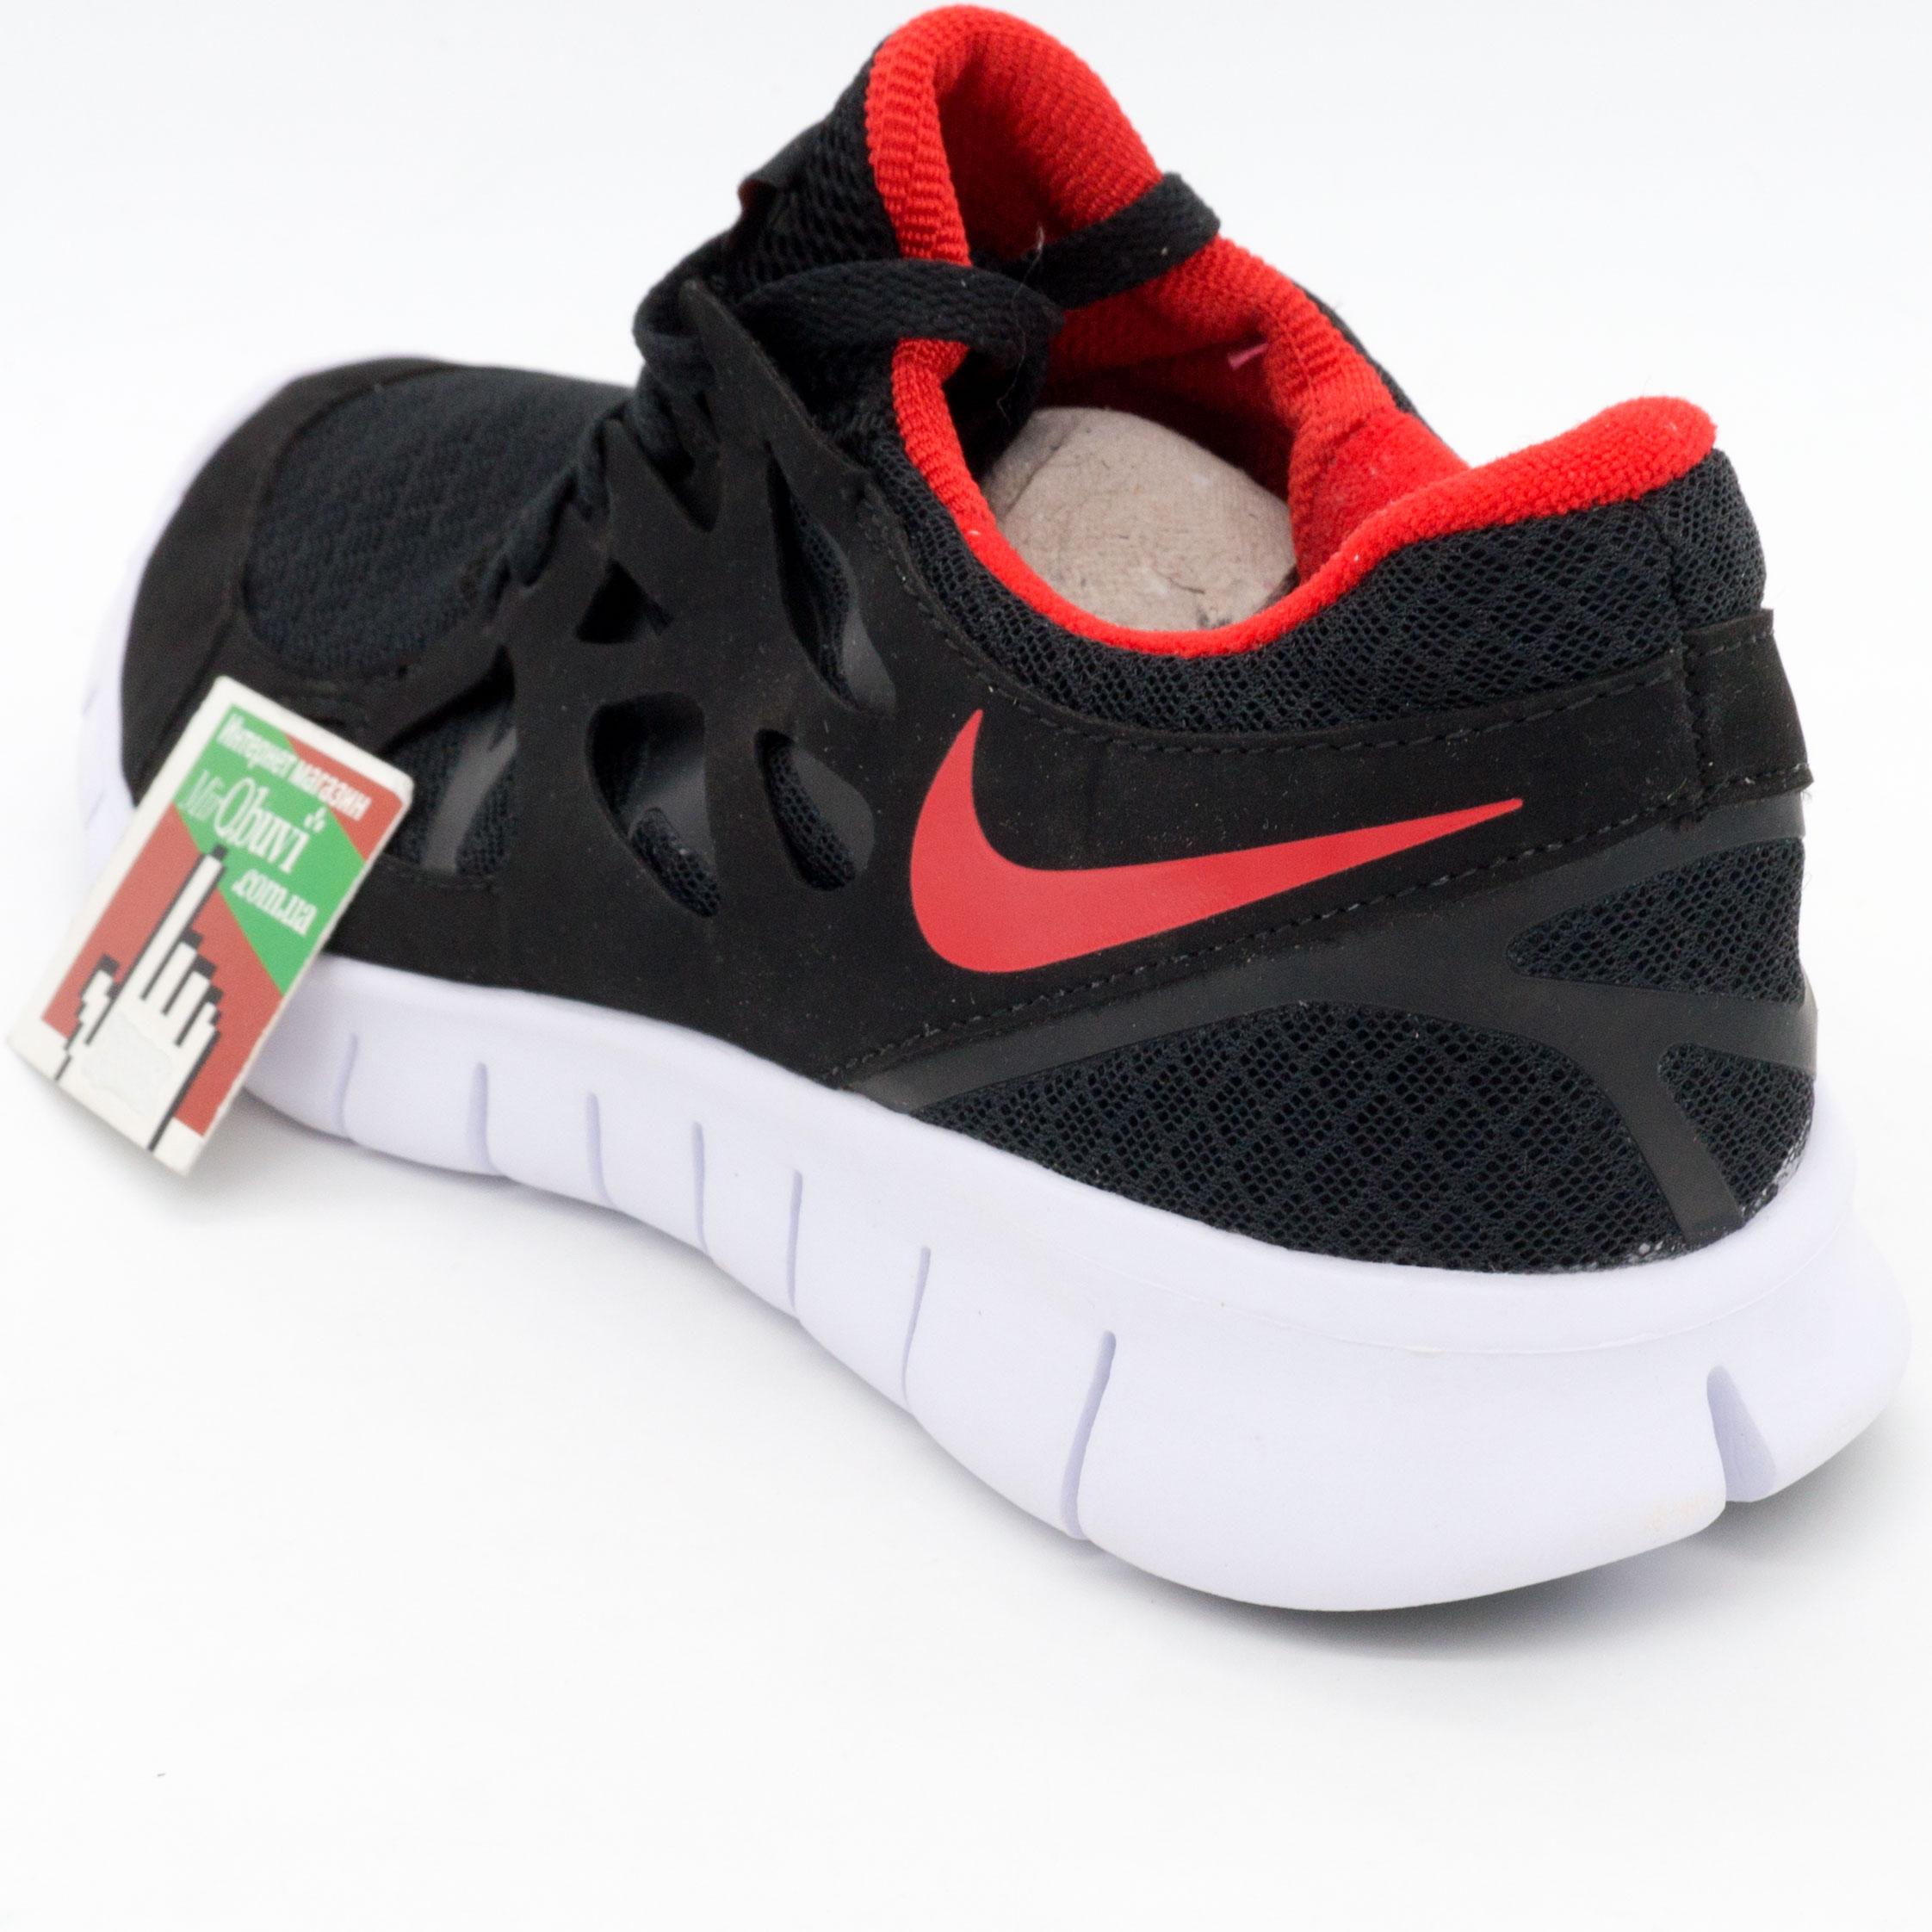 фото back Кроссовки для бега Nike Free Run 2 Найк Фри Ран, черные с красным back